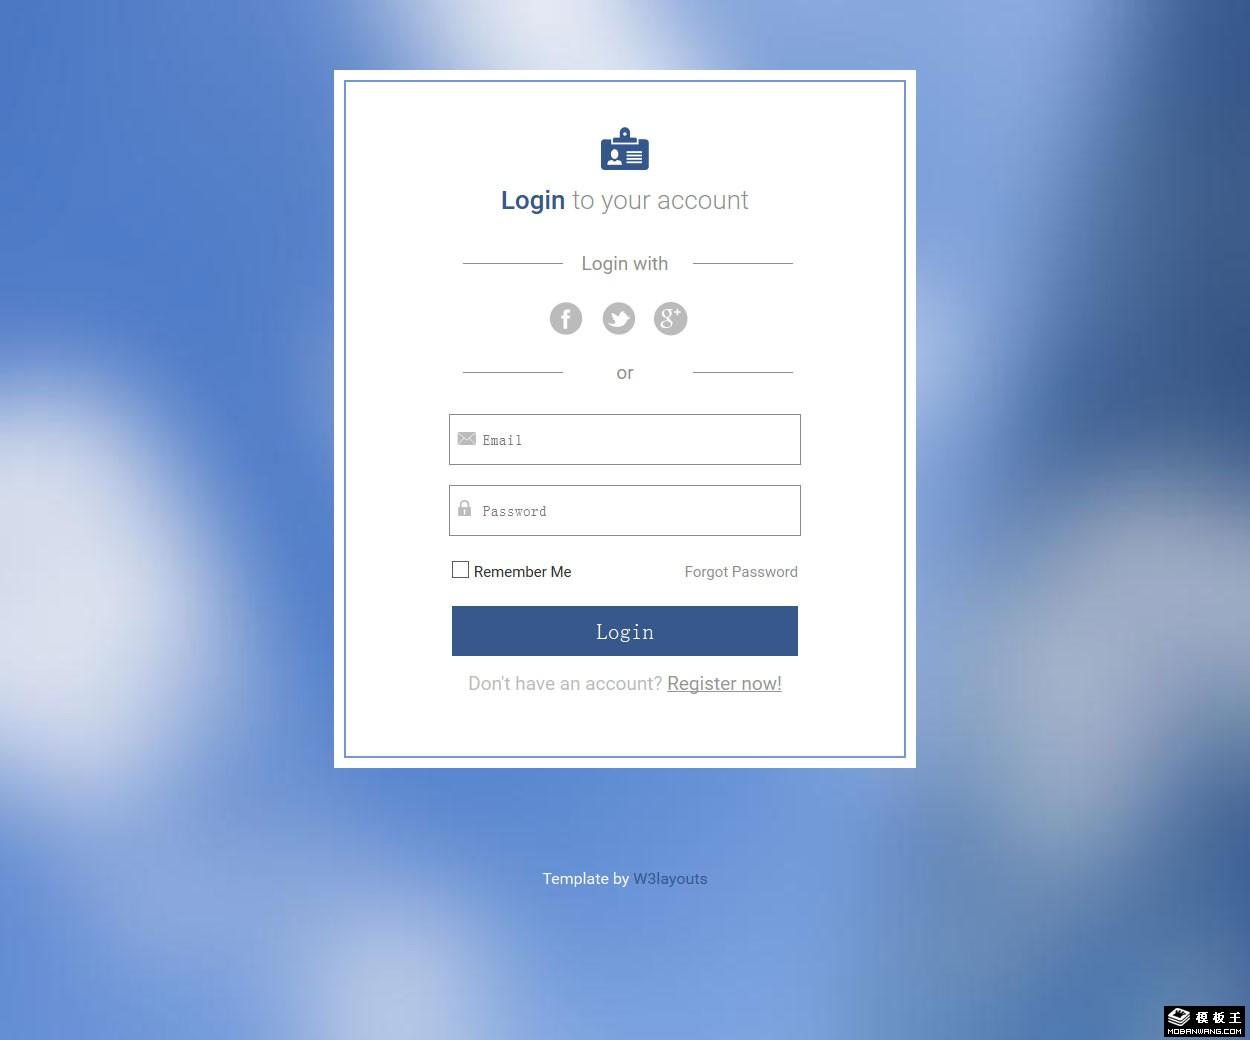 宝石蓝会员登录框响应式网页模板